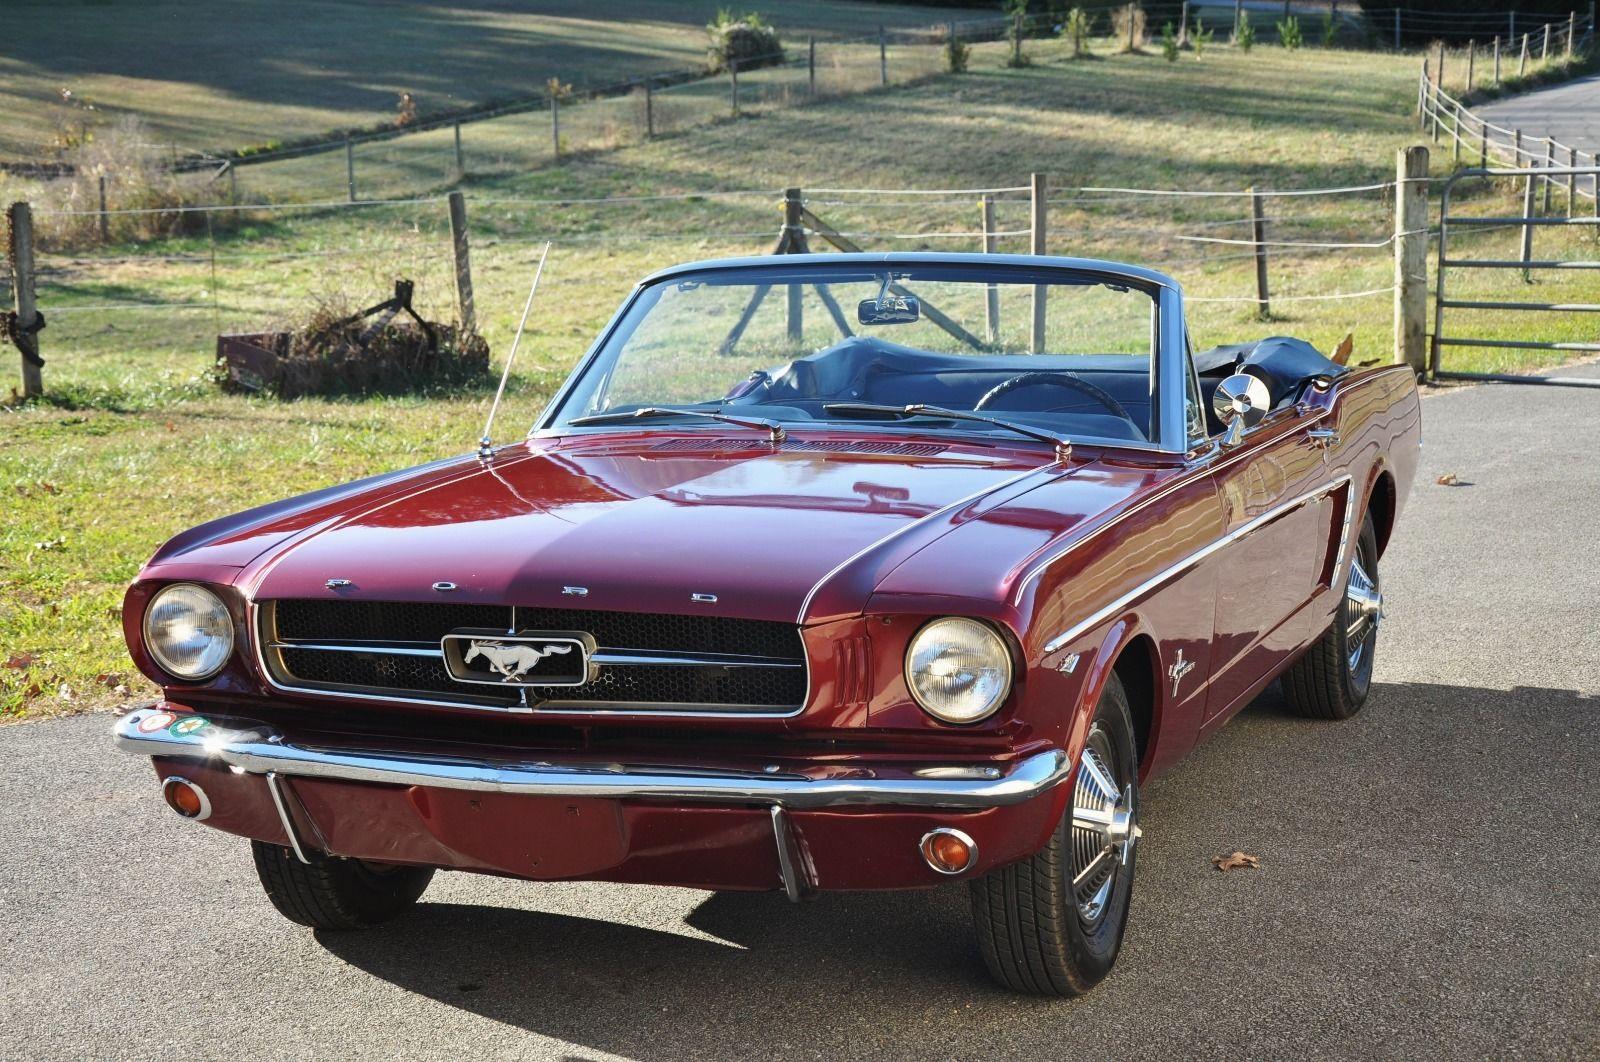 1964 Mustang Black